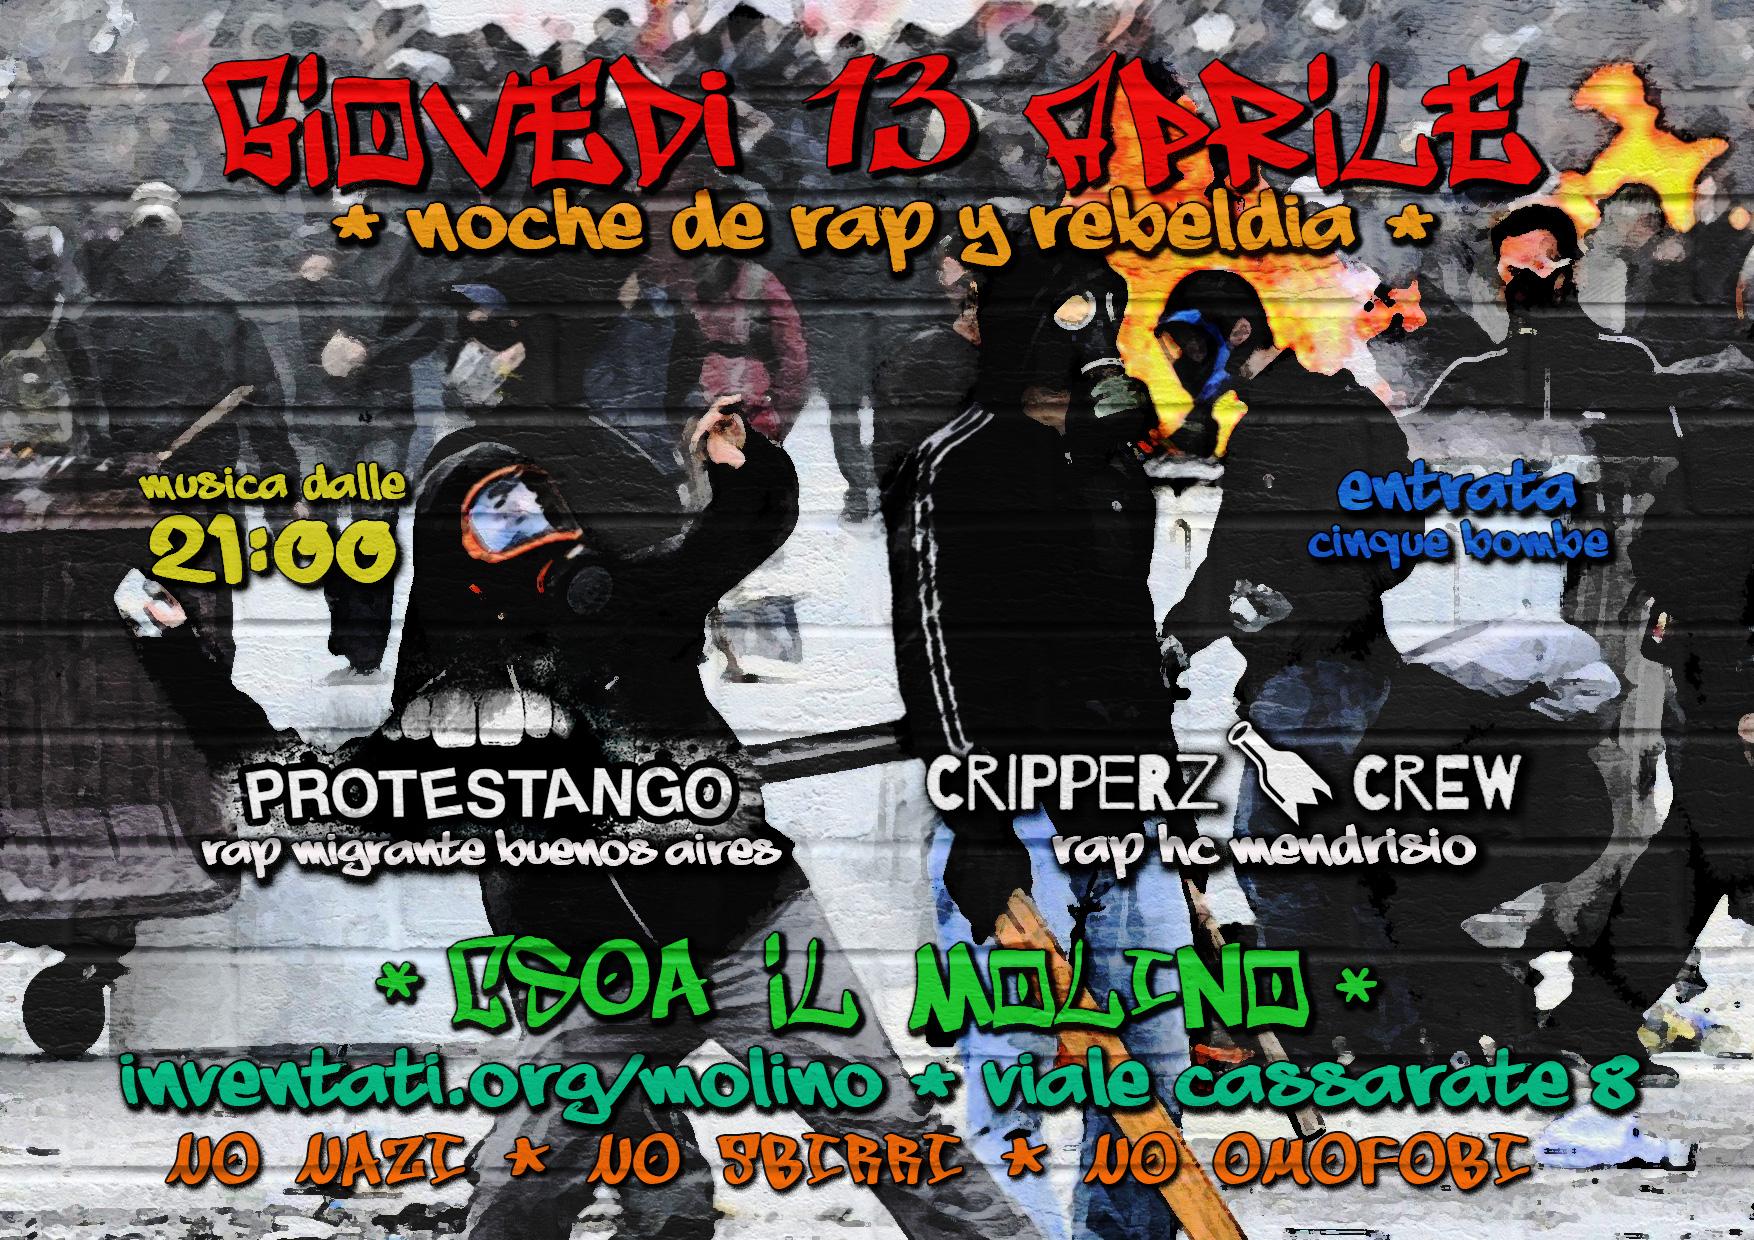 13.04.2017 - Noche de Rap y Rebeldía - Protestango y Cripperz Crew